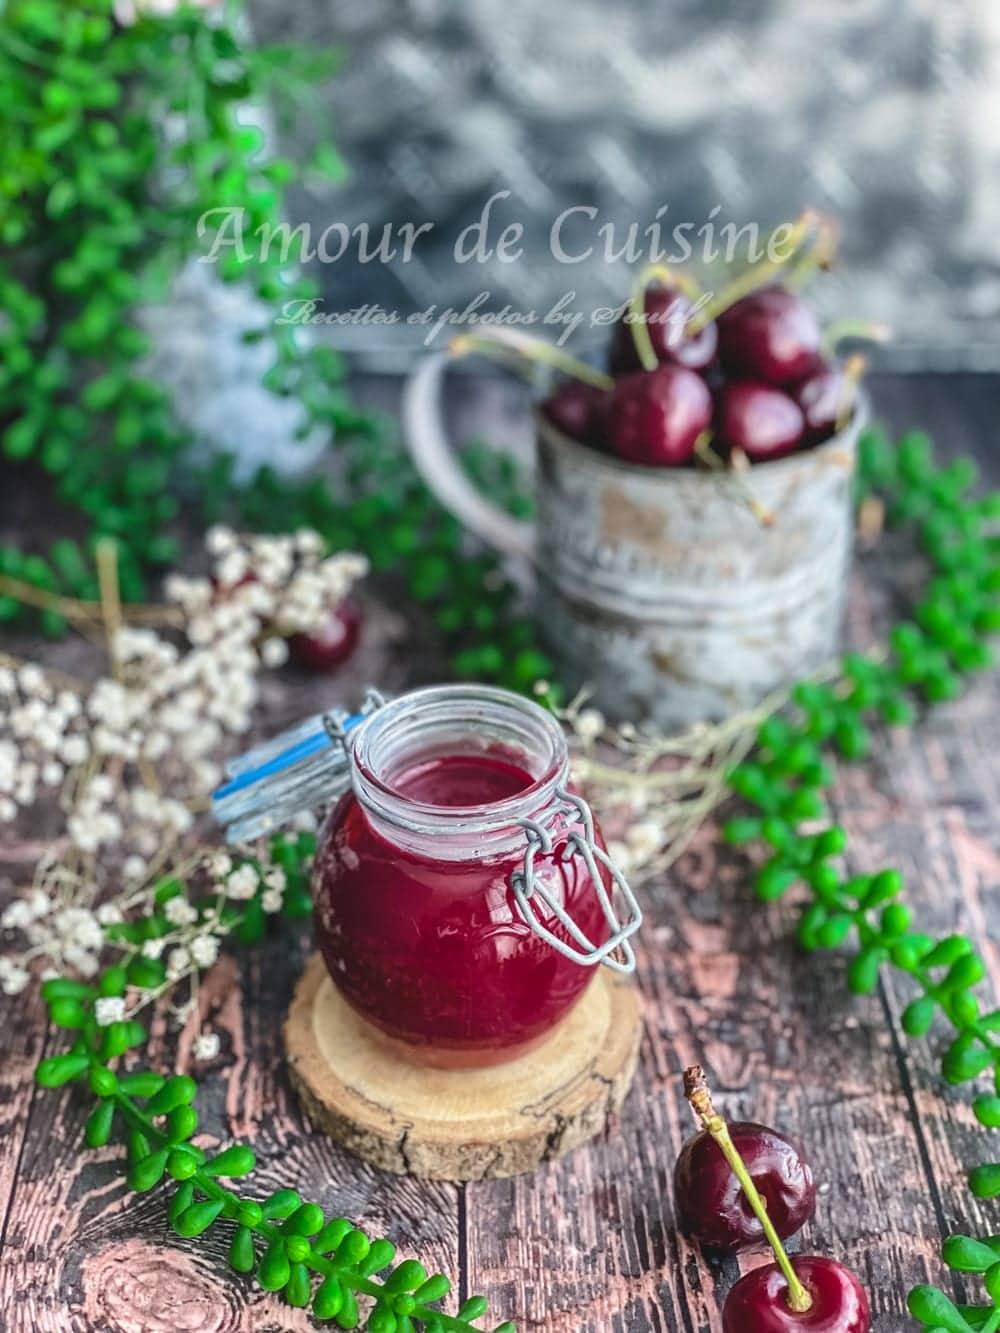 Recette maison du coulis de cerises facile, coulis de cerises conservé dans un pot